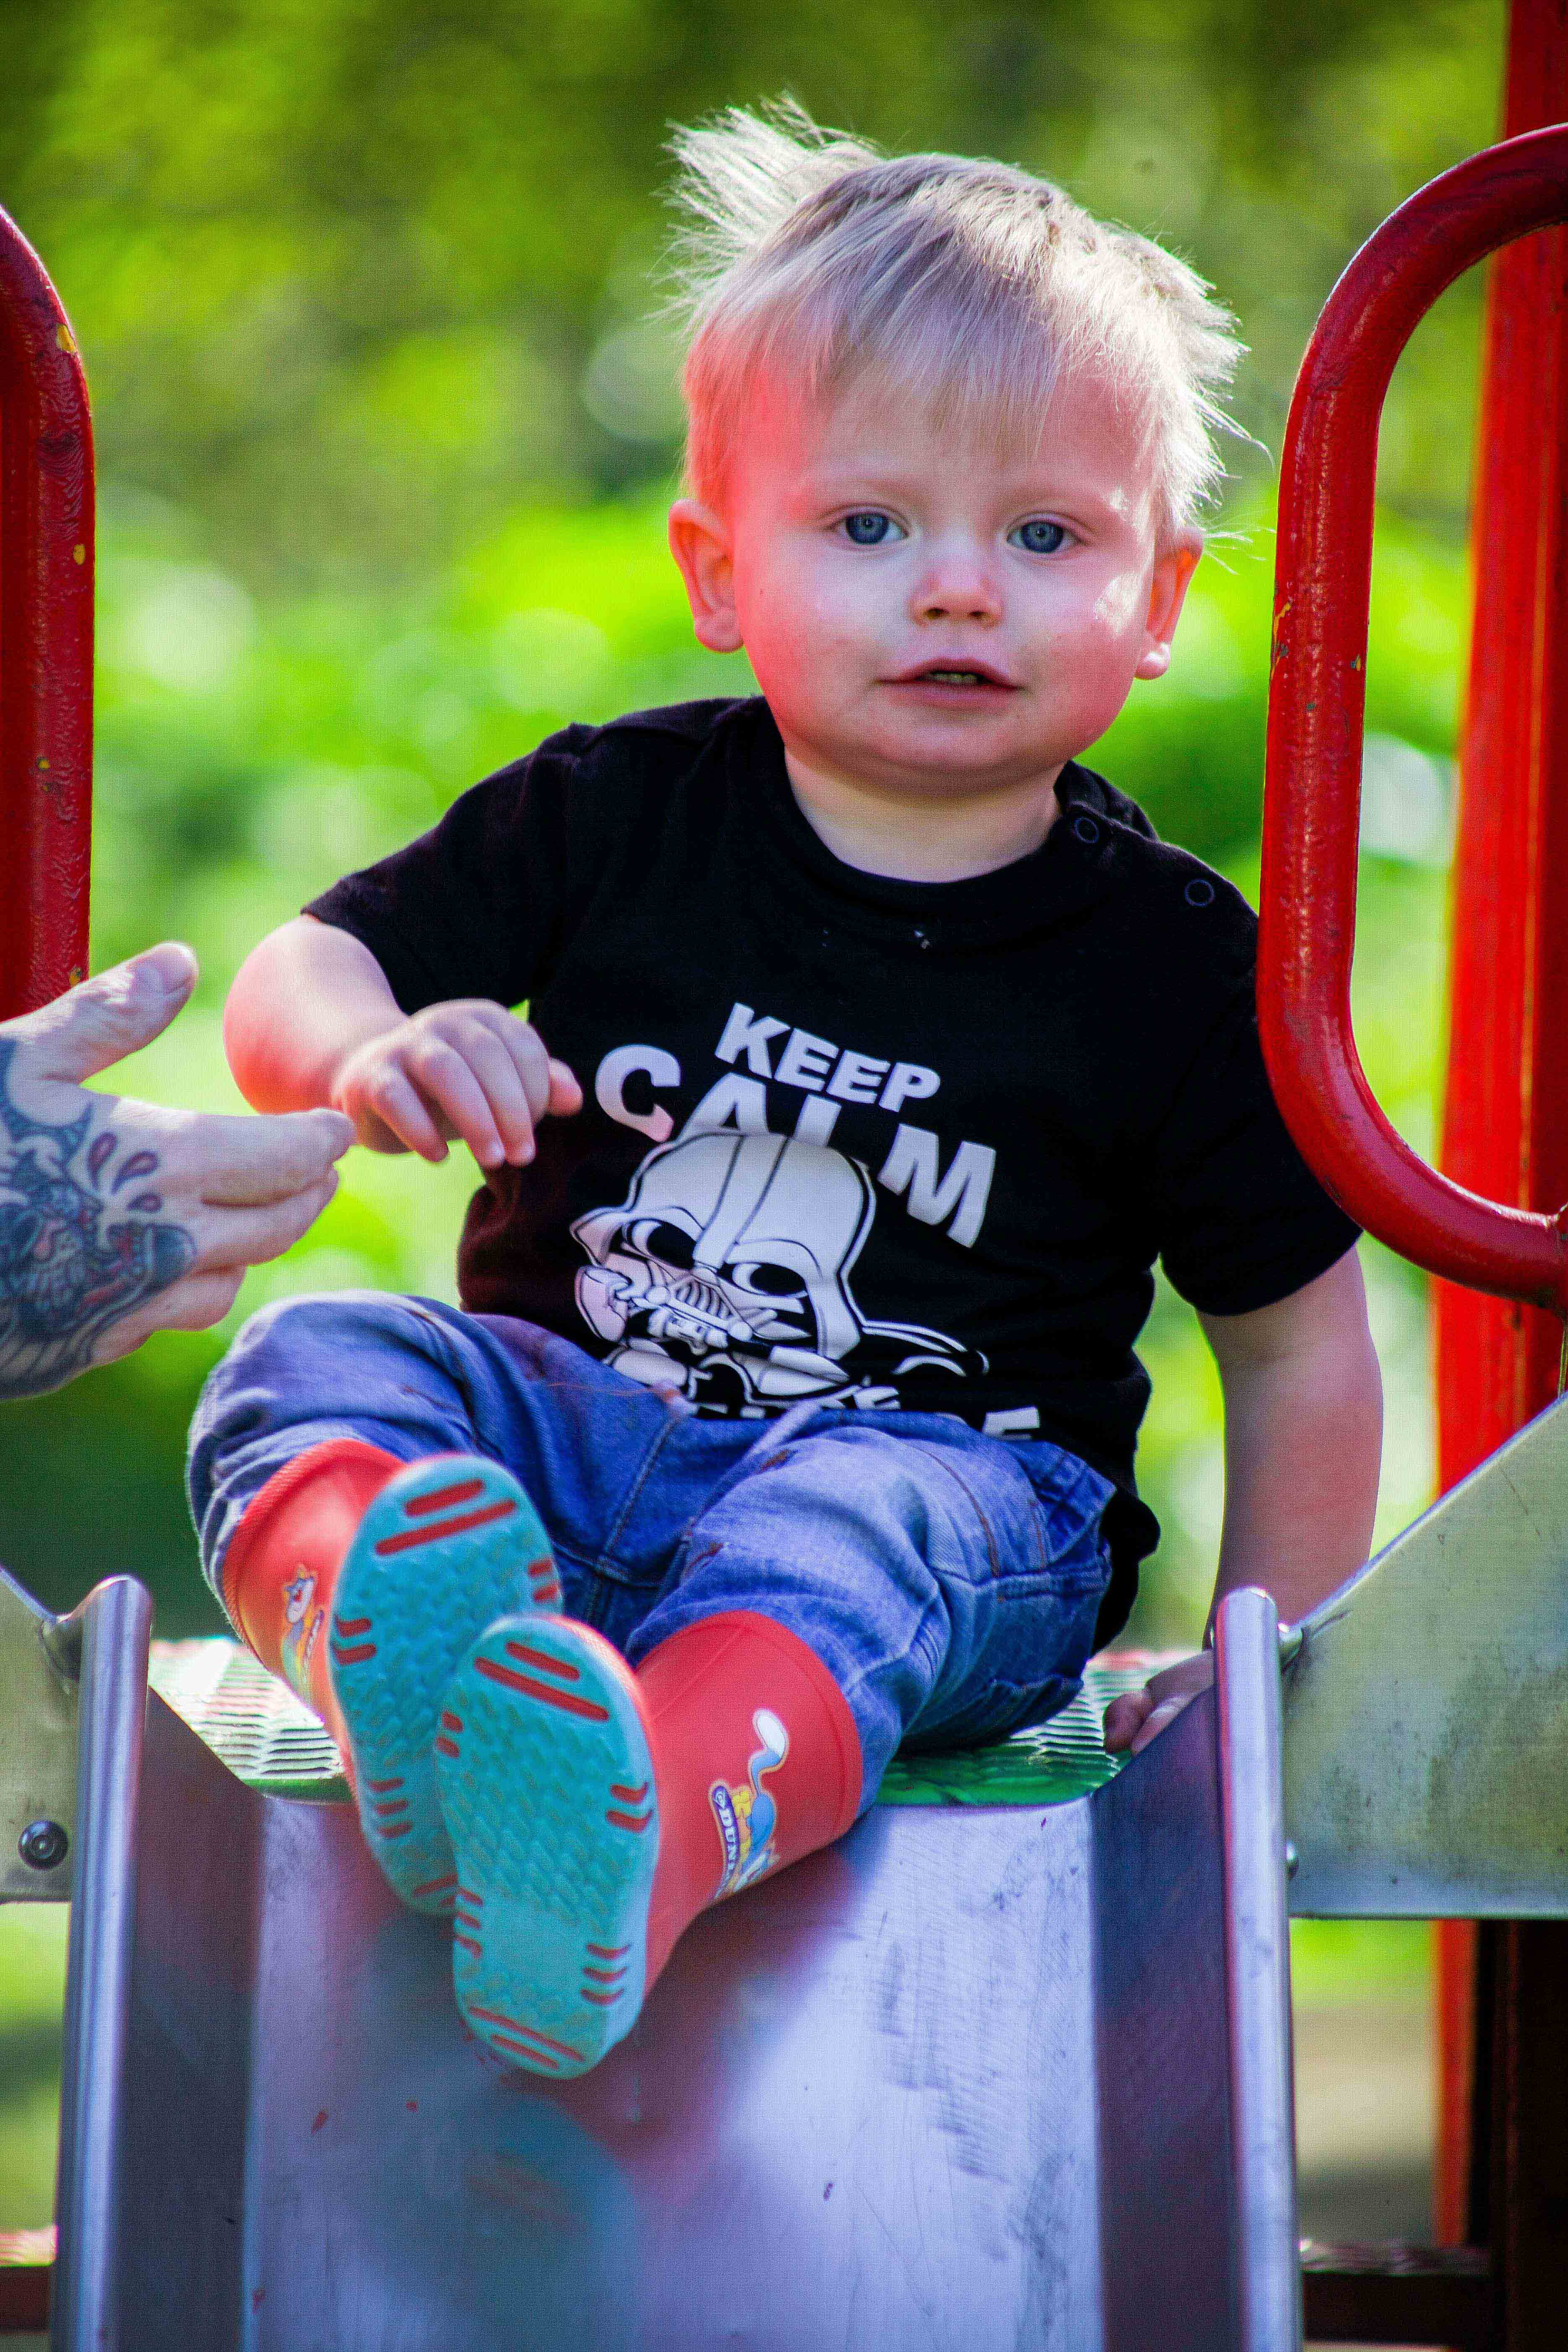 Sean Macreavy Media - Family & pets 5-5370